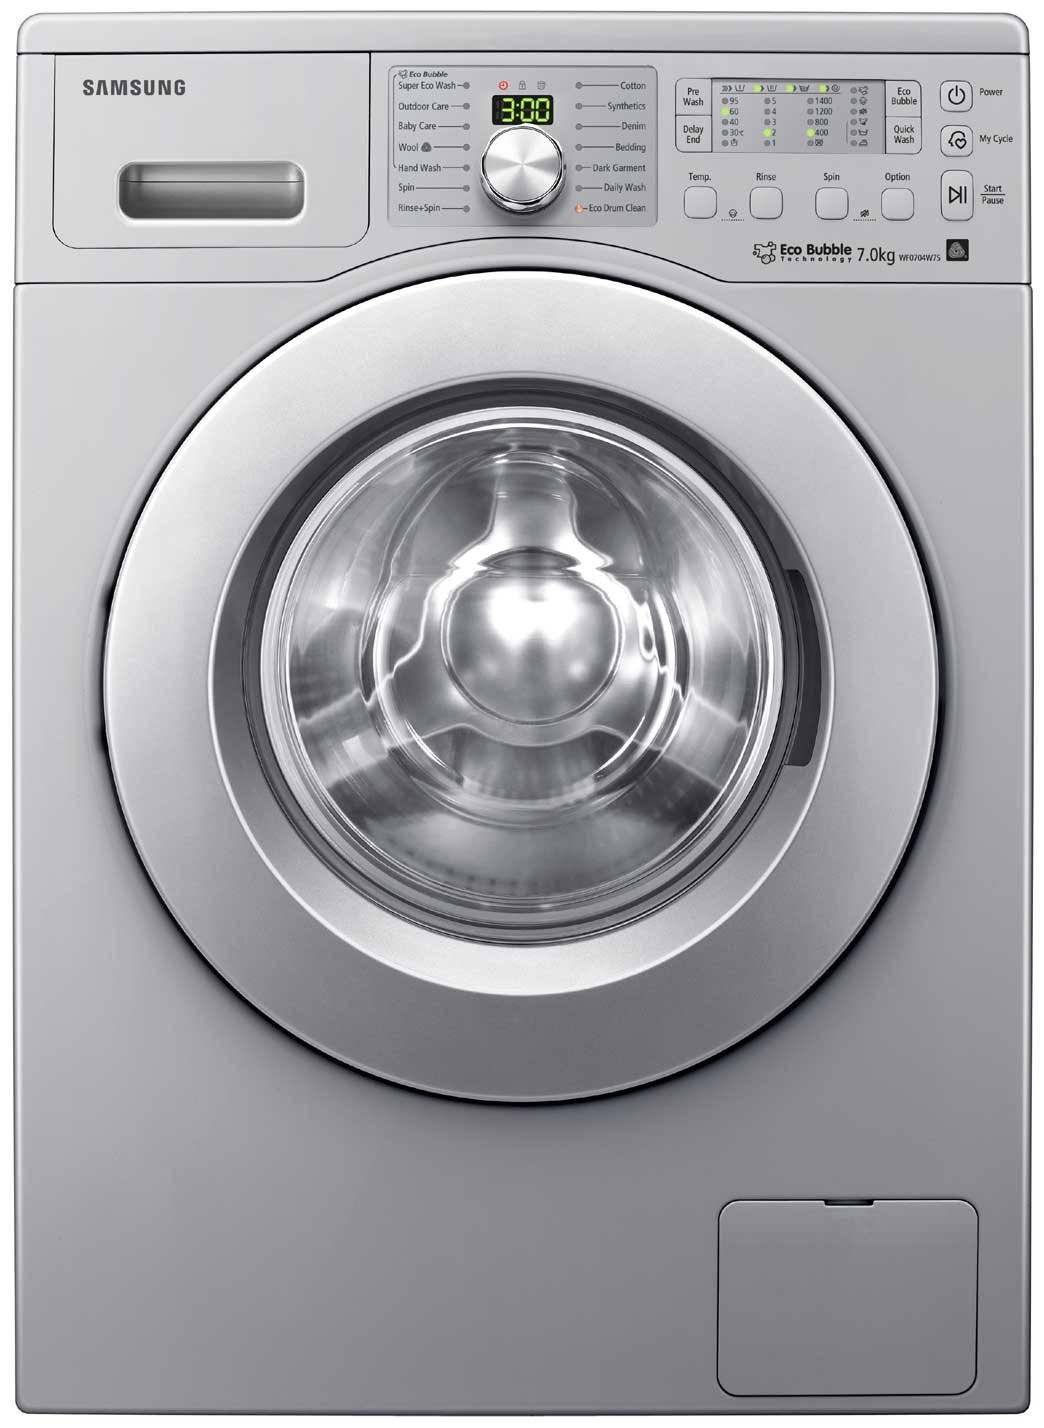 machine wash cold vs warm